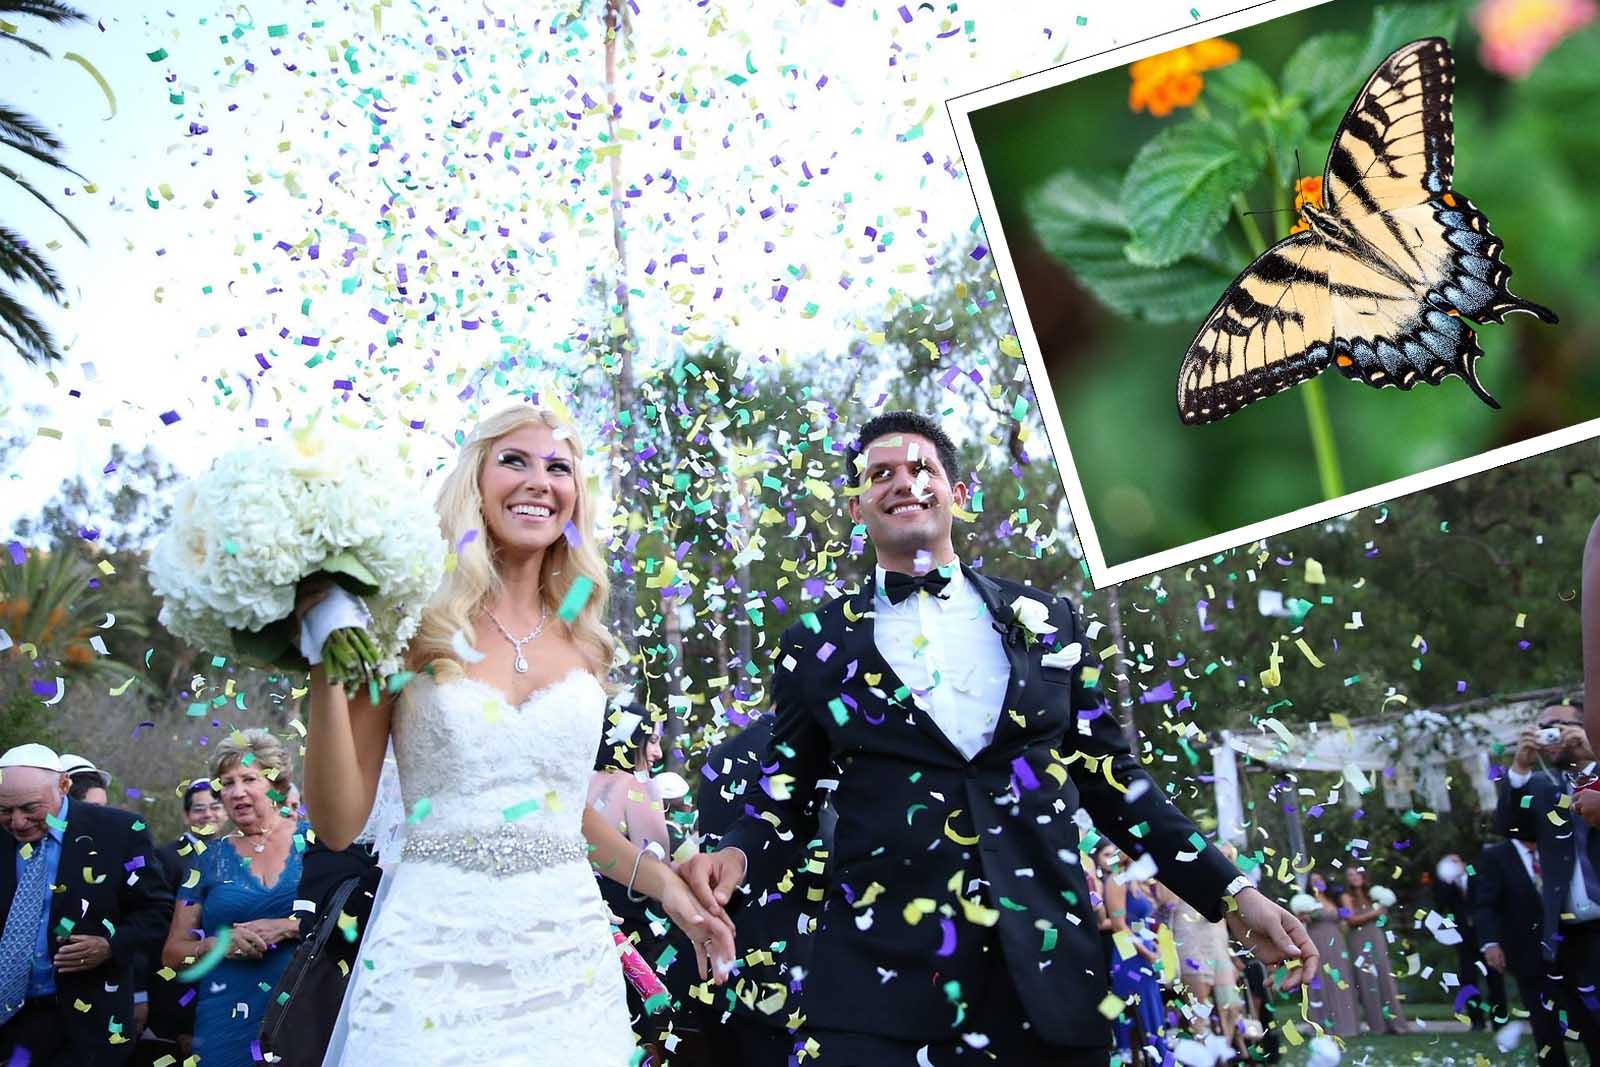 Schmetterlinge Zur Hochzeit Viele Werden Zerquetscht